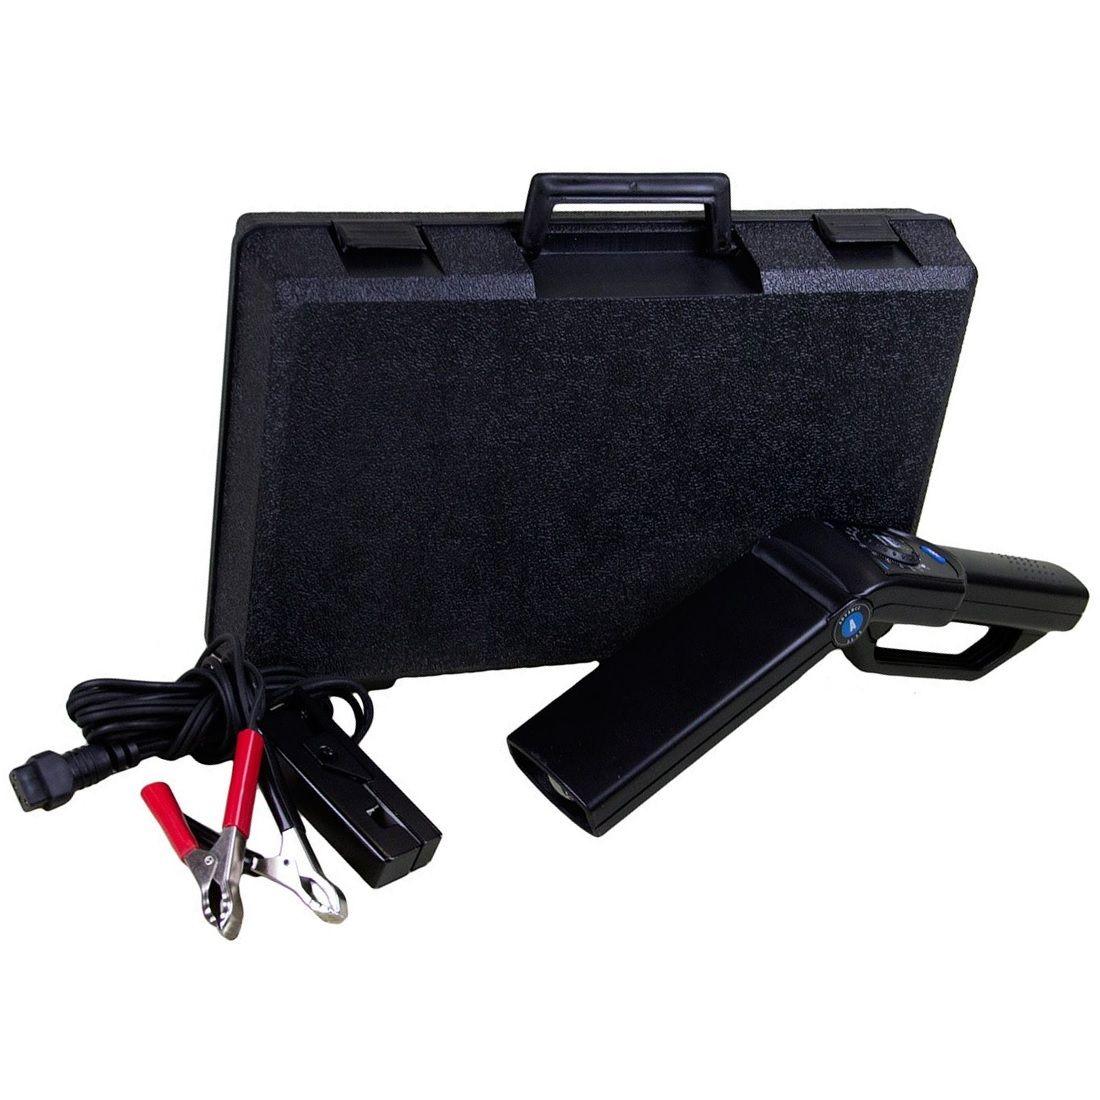 Pistola de Ponto Estroboscópica com Avanço Analógica - KITEST KA048